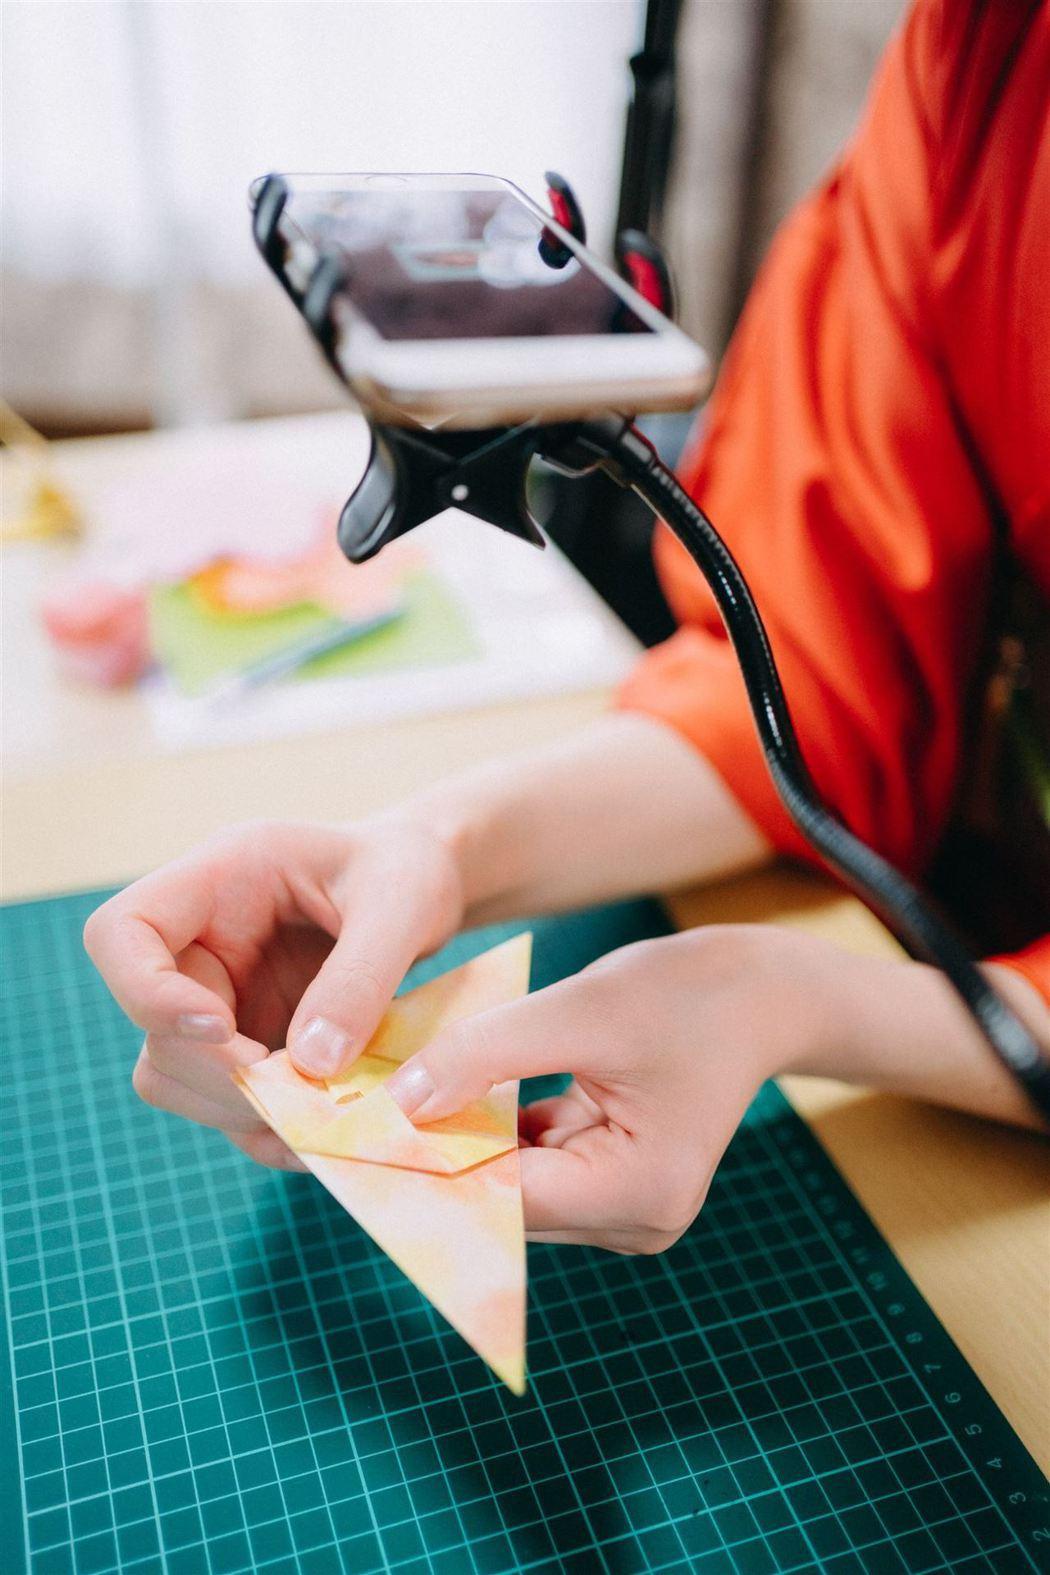 摺紙與日本文化的精髓。 Airbnb /提供